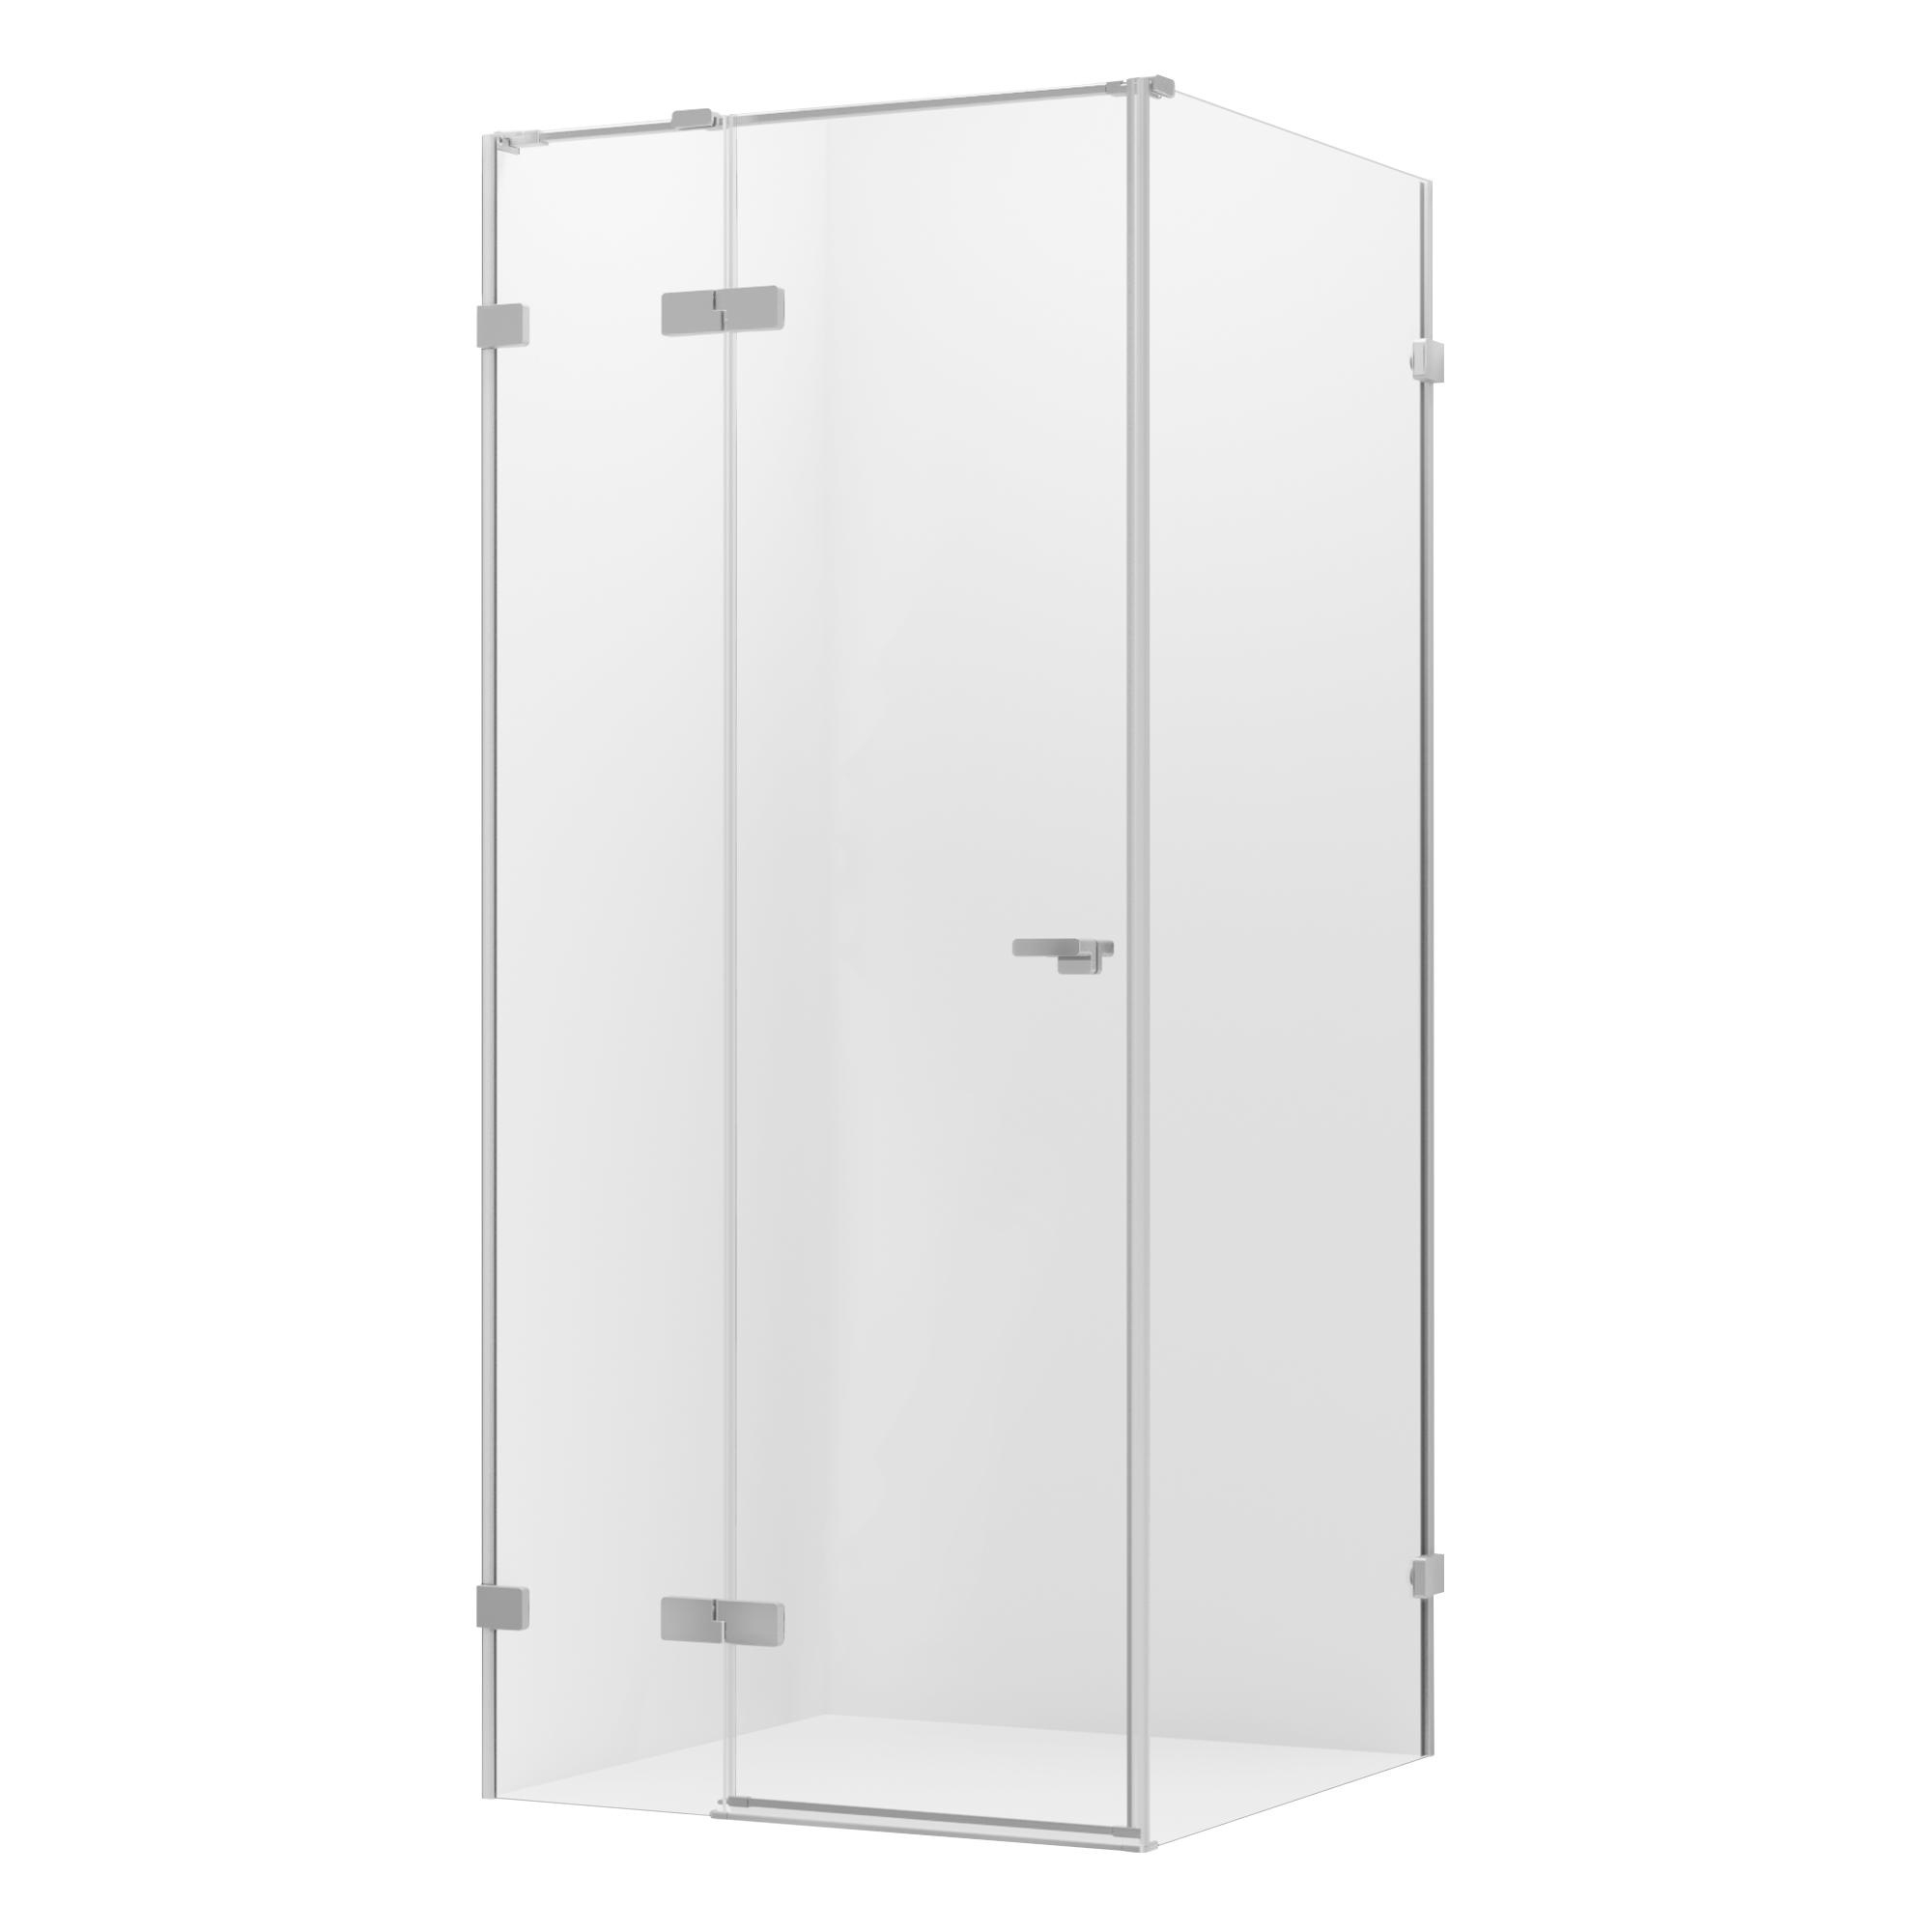 Sprcha EVENTA 90x100 x200 Nový Trend $